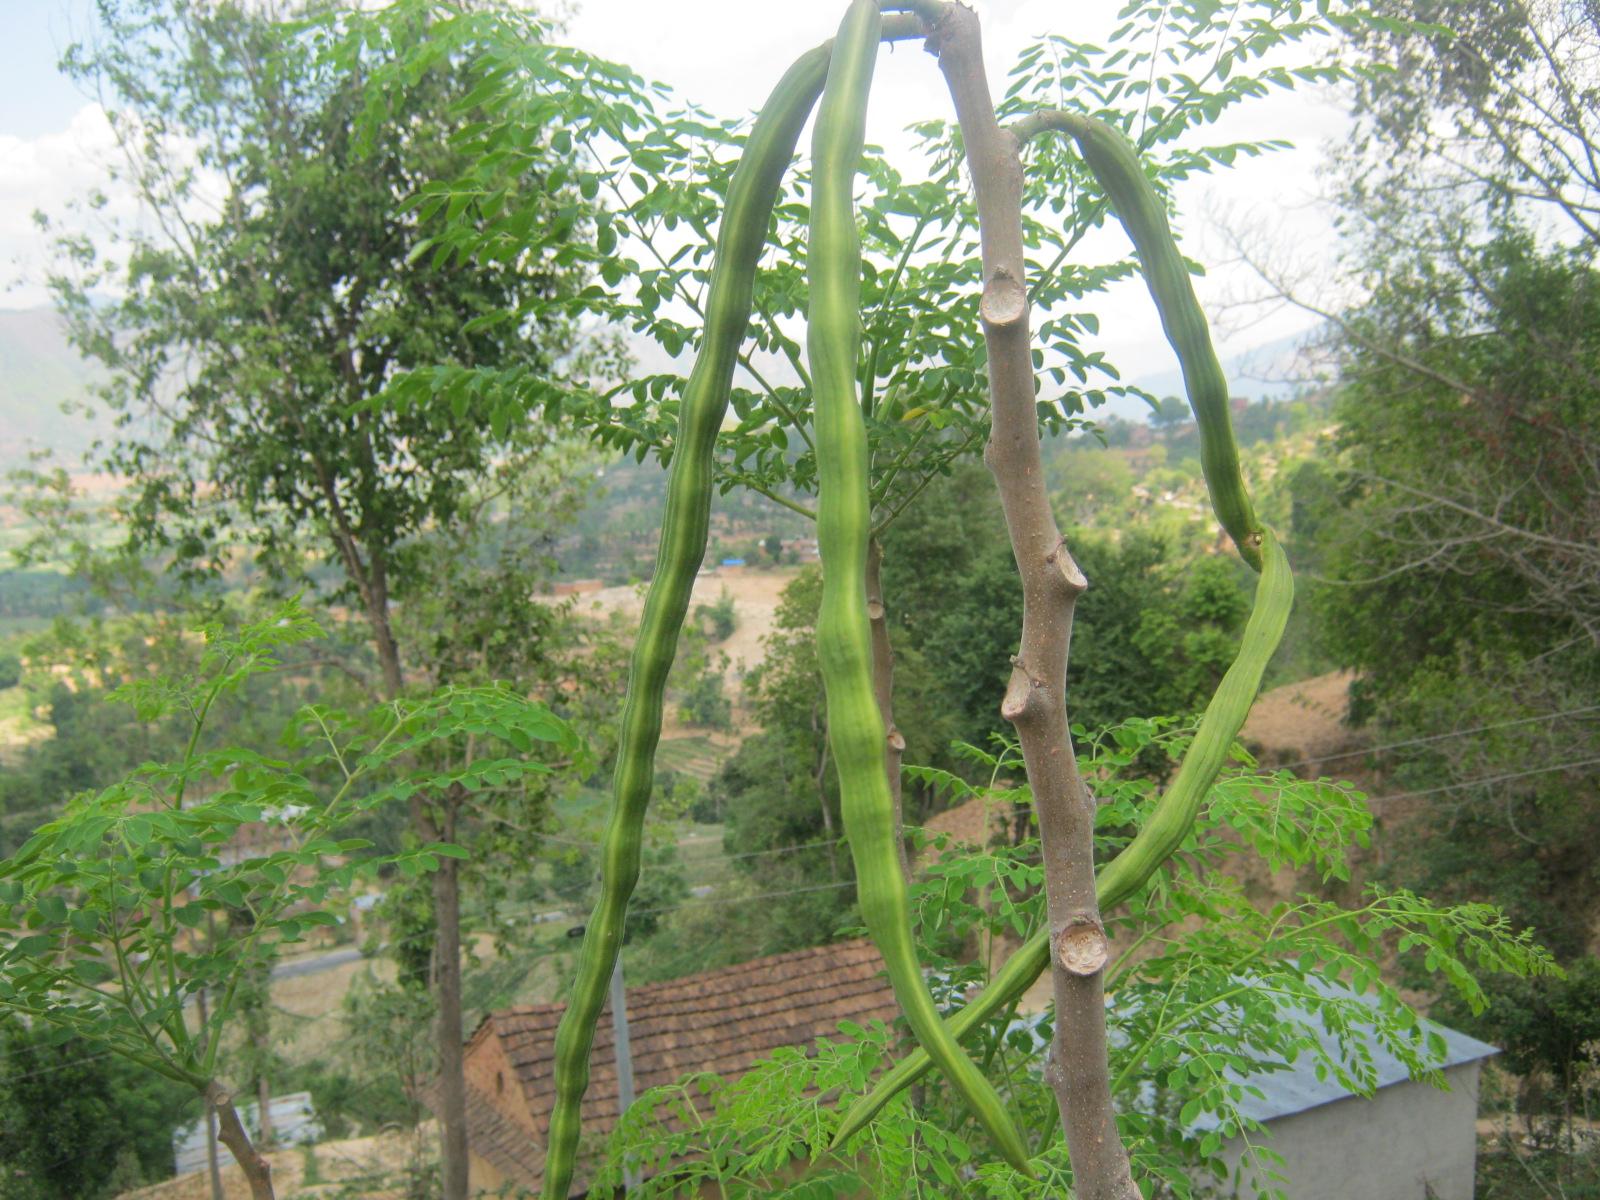 Pods of Moringa oleifera in Panchkhal, Nepal